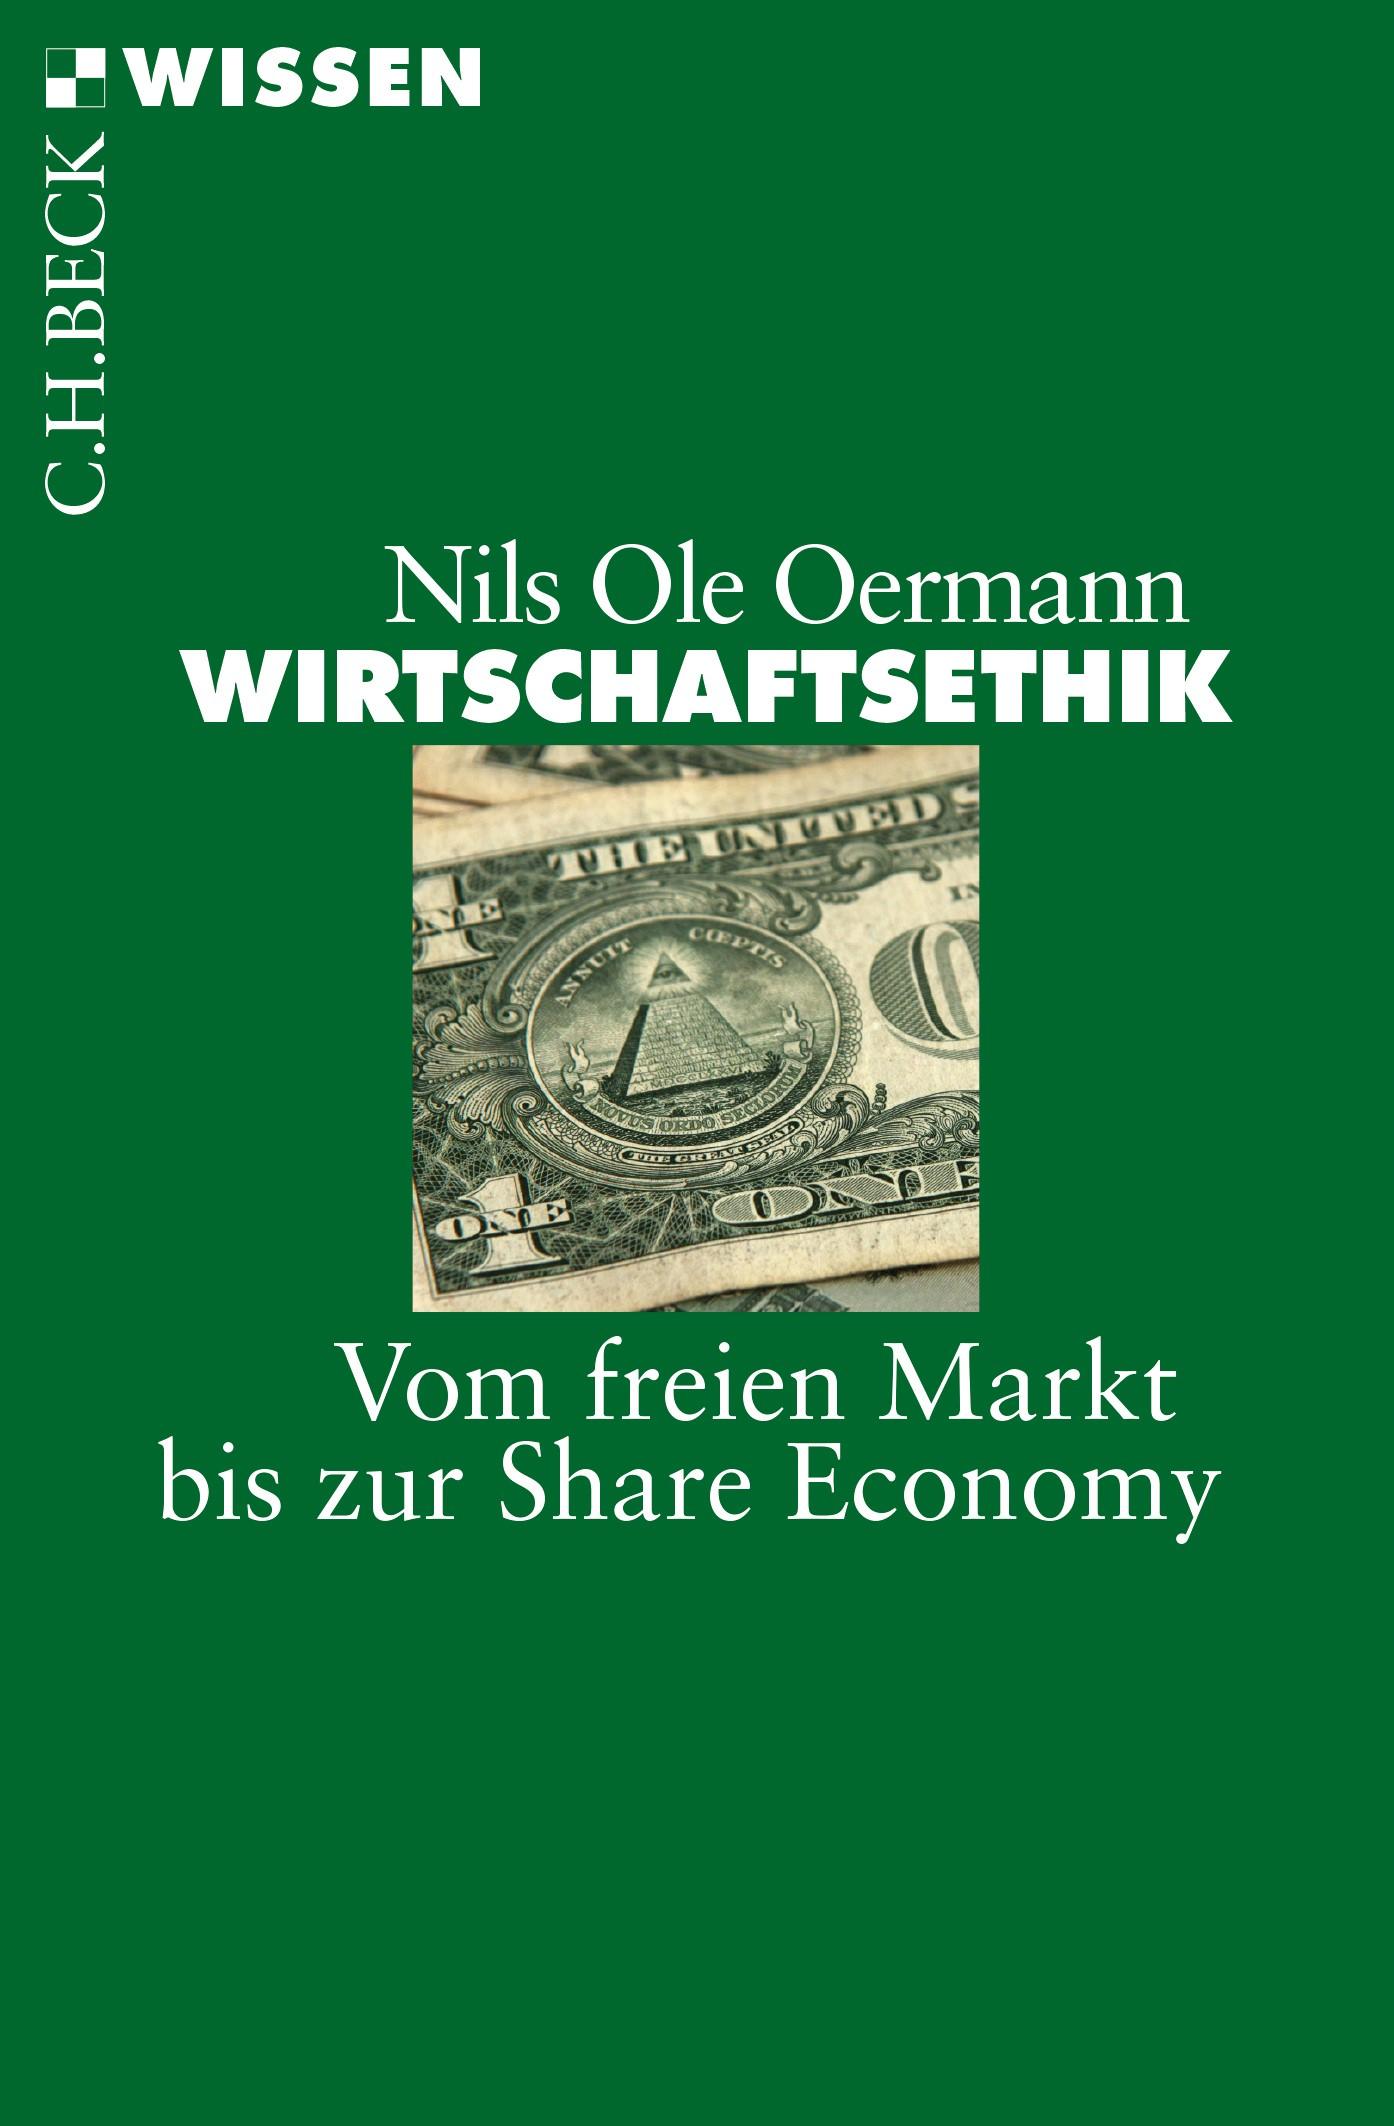 Wirtschaftsethik | Oermann, Nils Ole, 2015 | Buch (Cover)